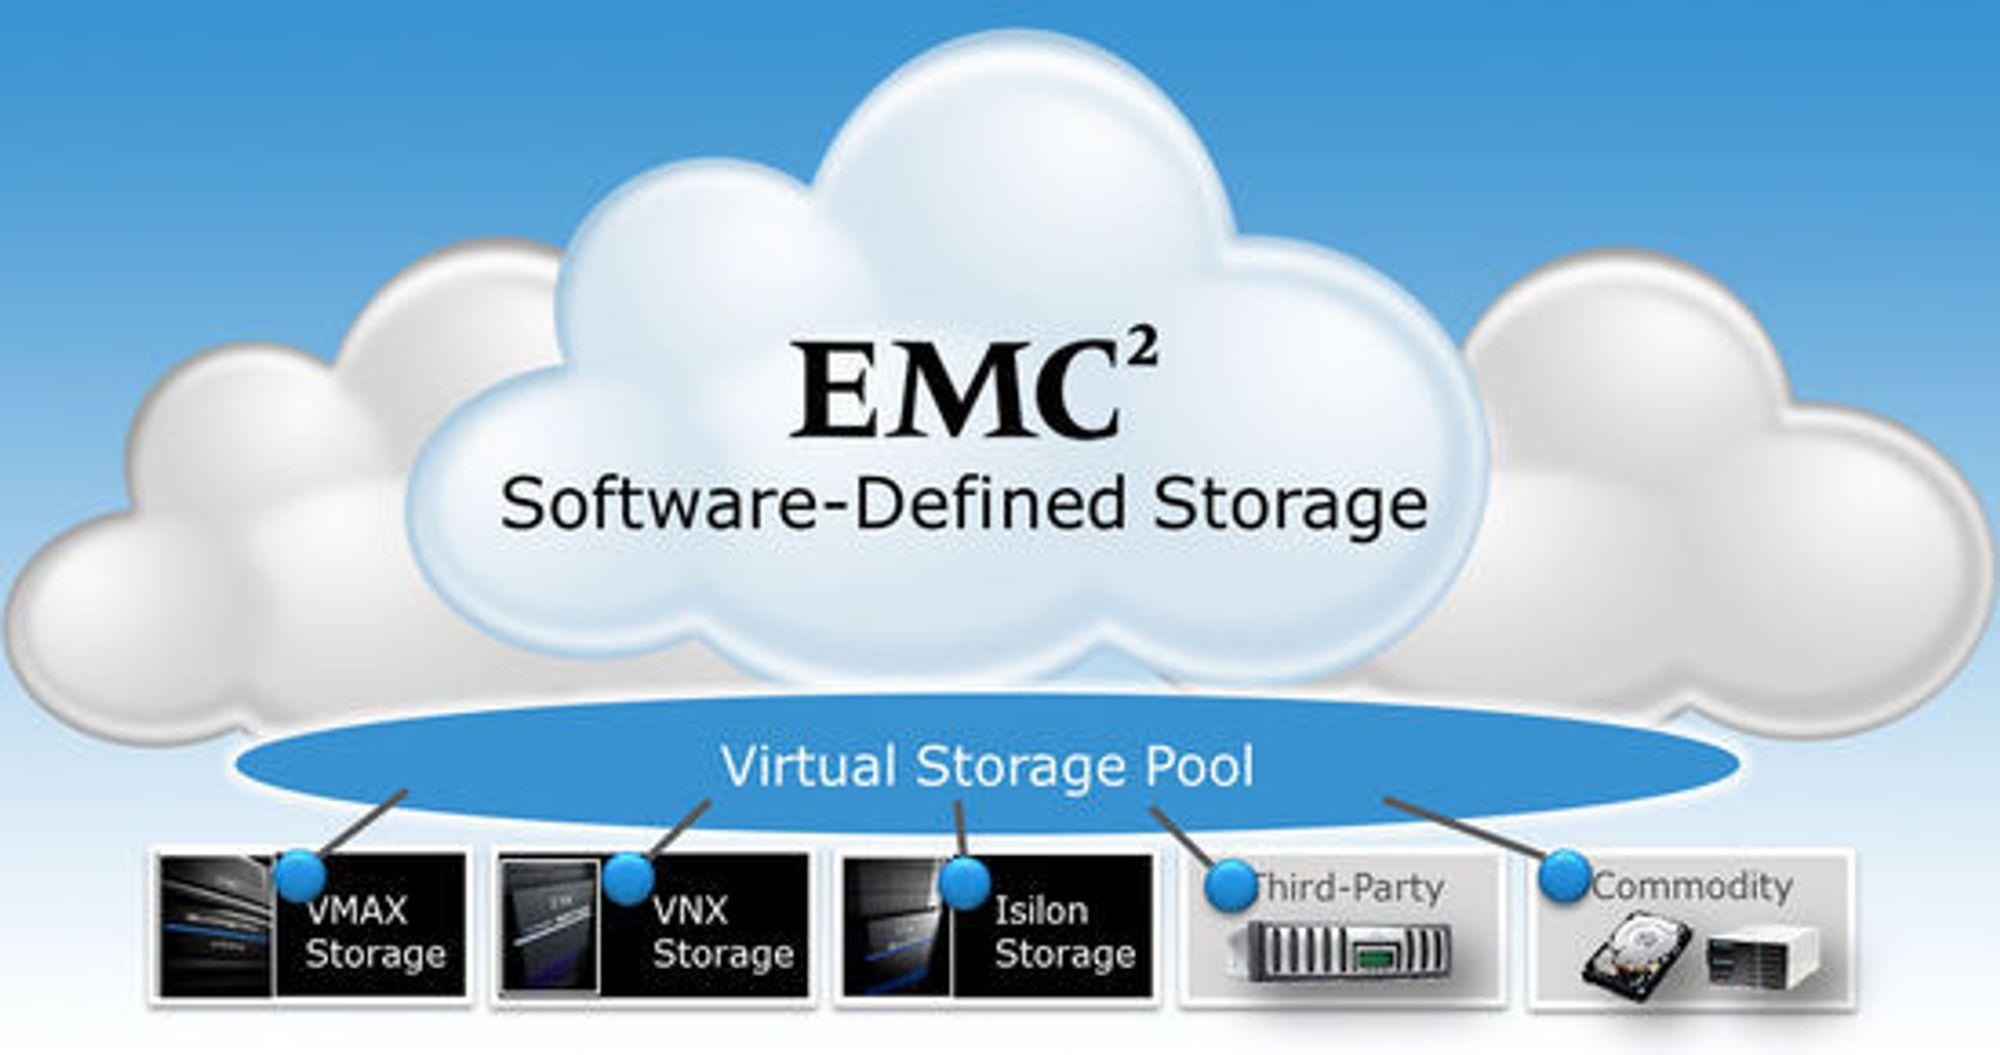 ViPR skal samle alle typer fysisk lagring i én virtuell ressurs, ikke bare EMC-enheter, men også NetApp og andre leverandører.